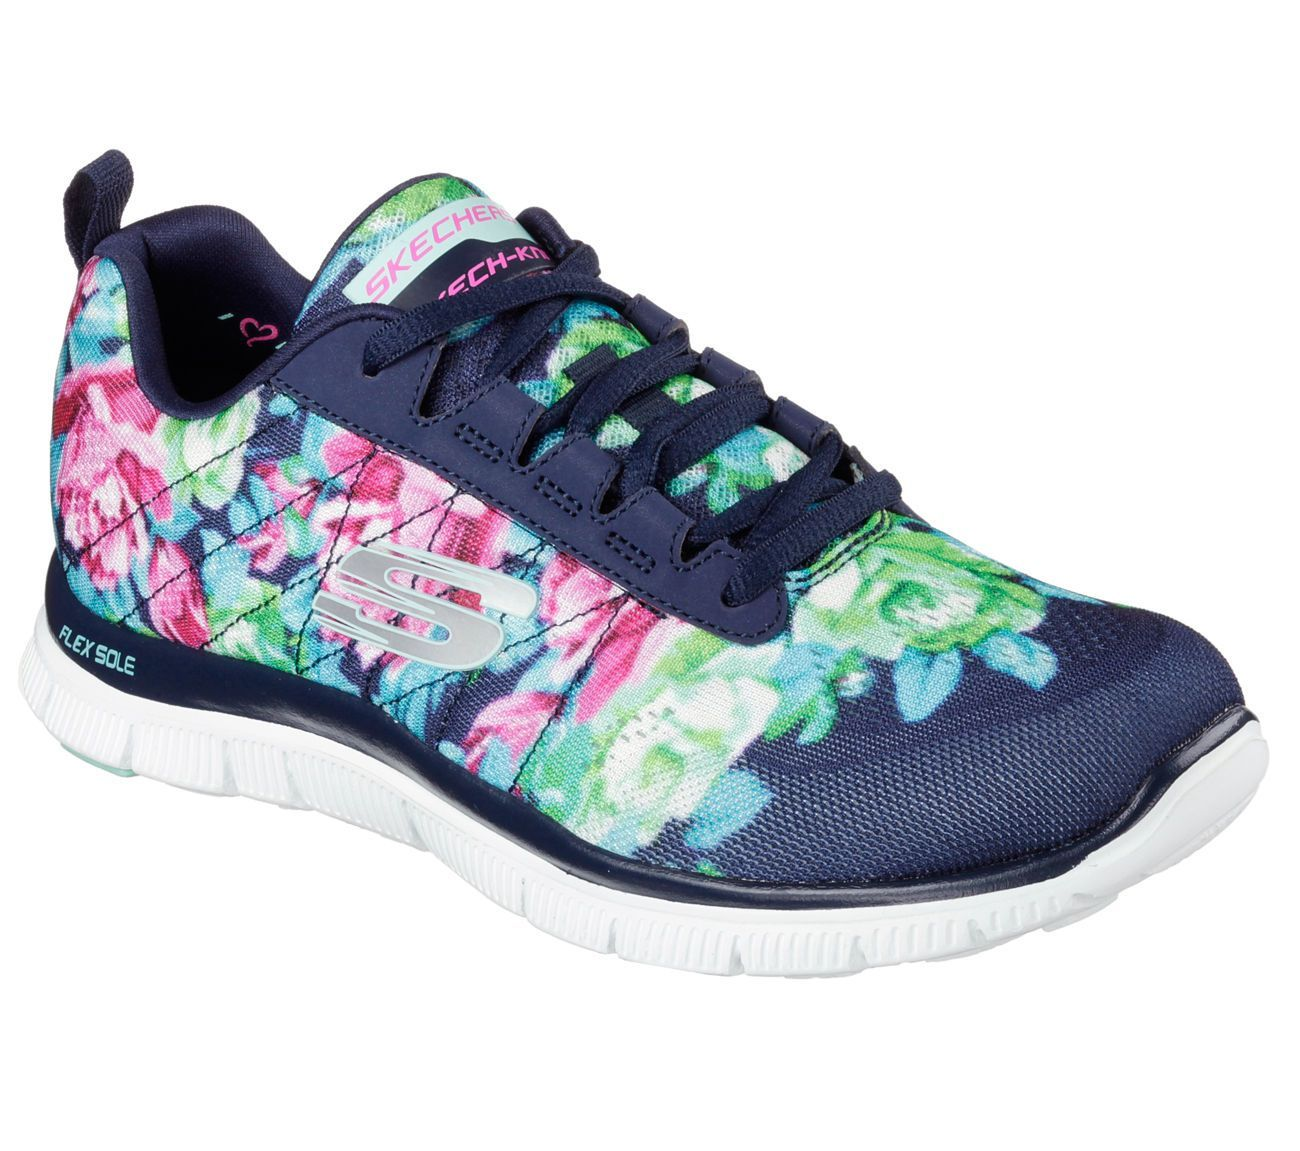 12448 Navy Flower Skechers Shoes Women Memory Foam Sport